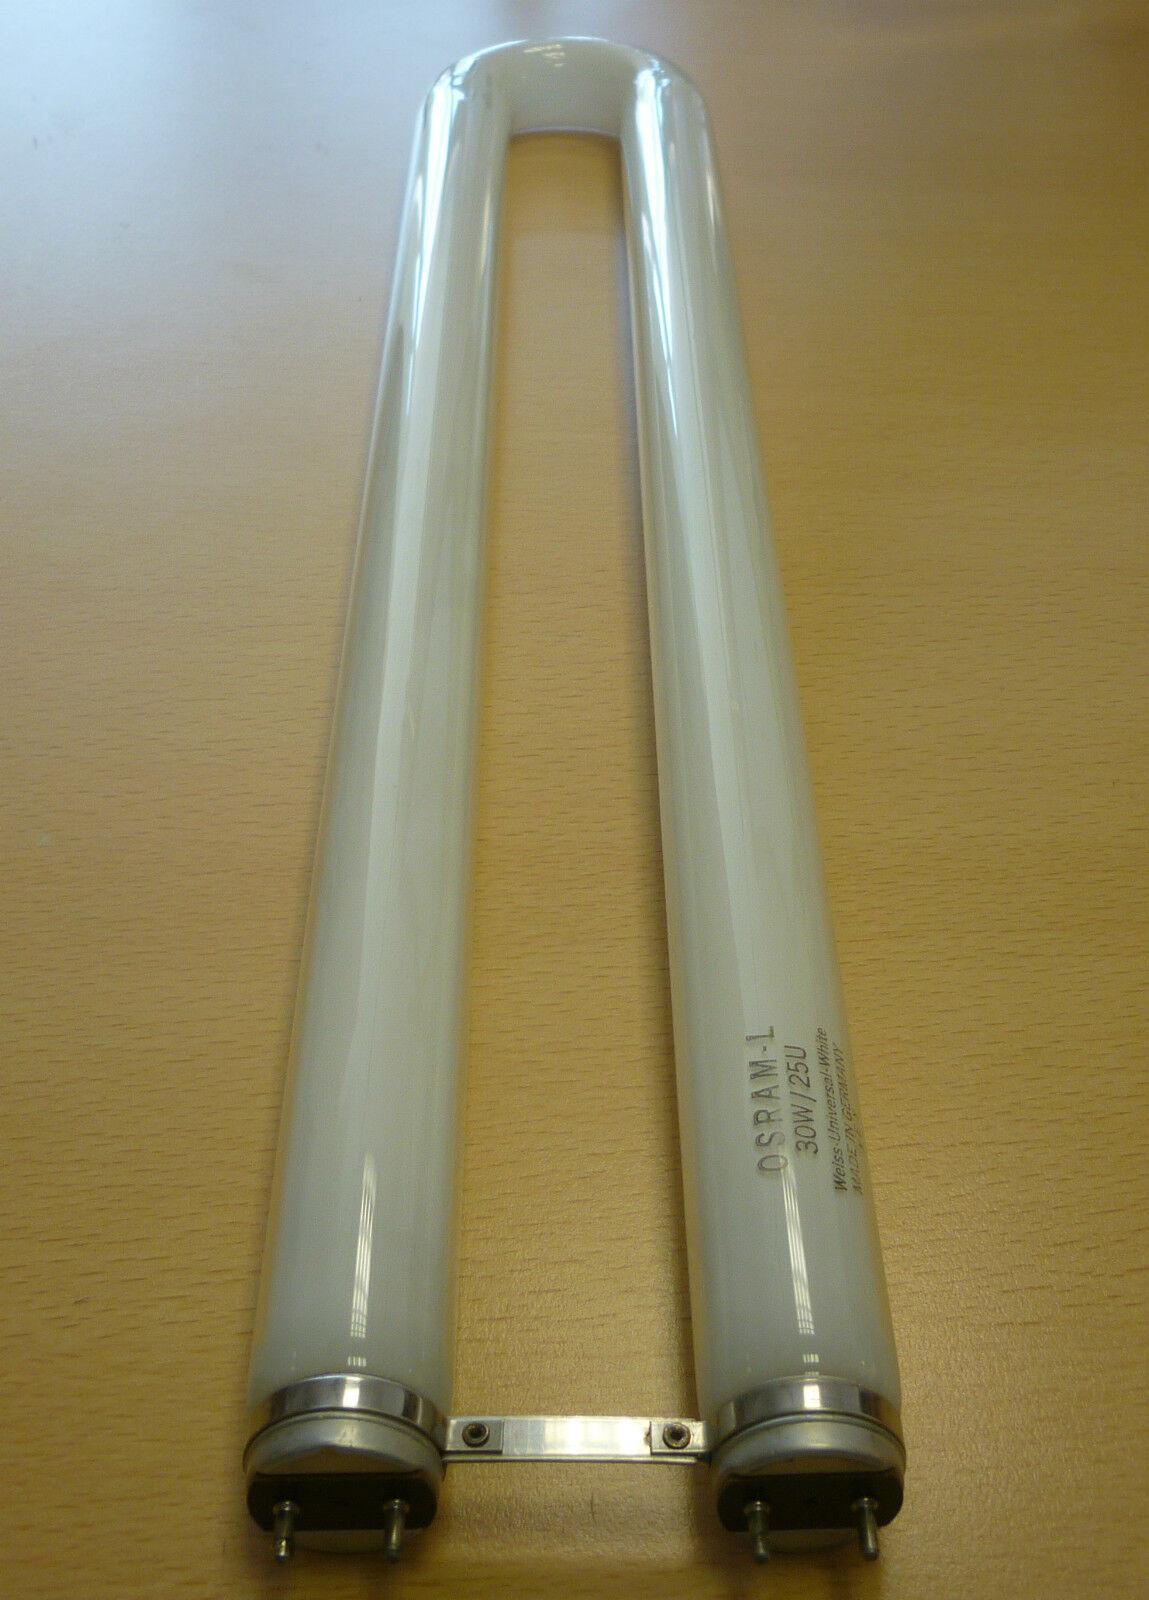 OSRAM Lampe fluorescente fluorescente fluorescente forme U l30w/25U 30w 25 blanc Universel T8 2,6 x 622766